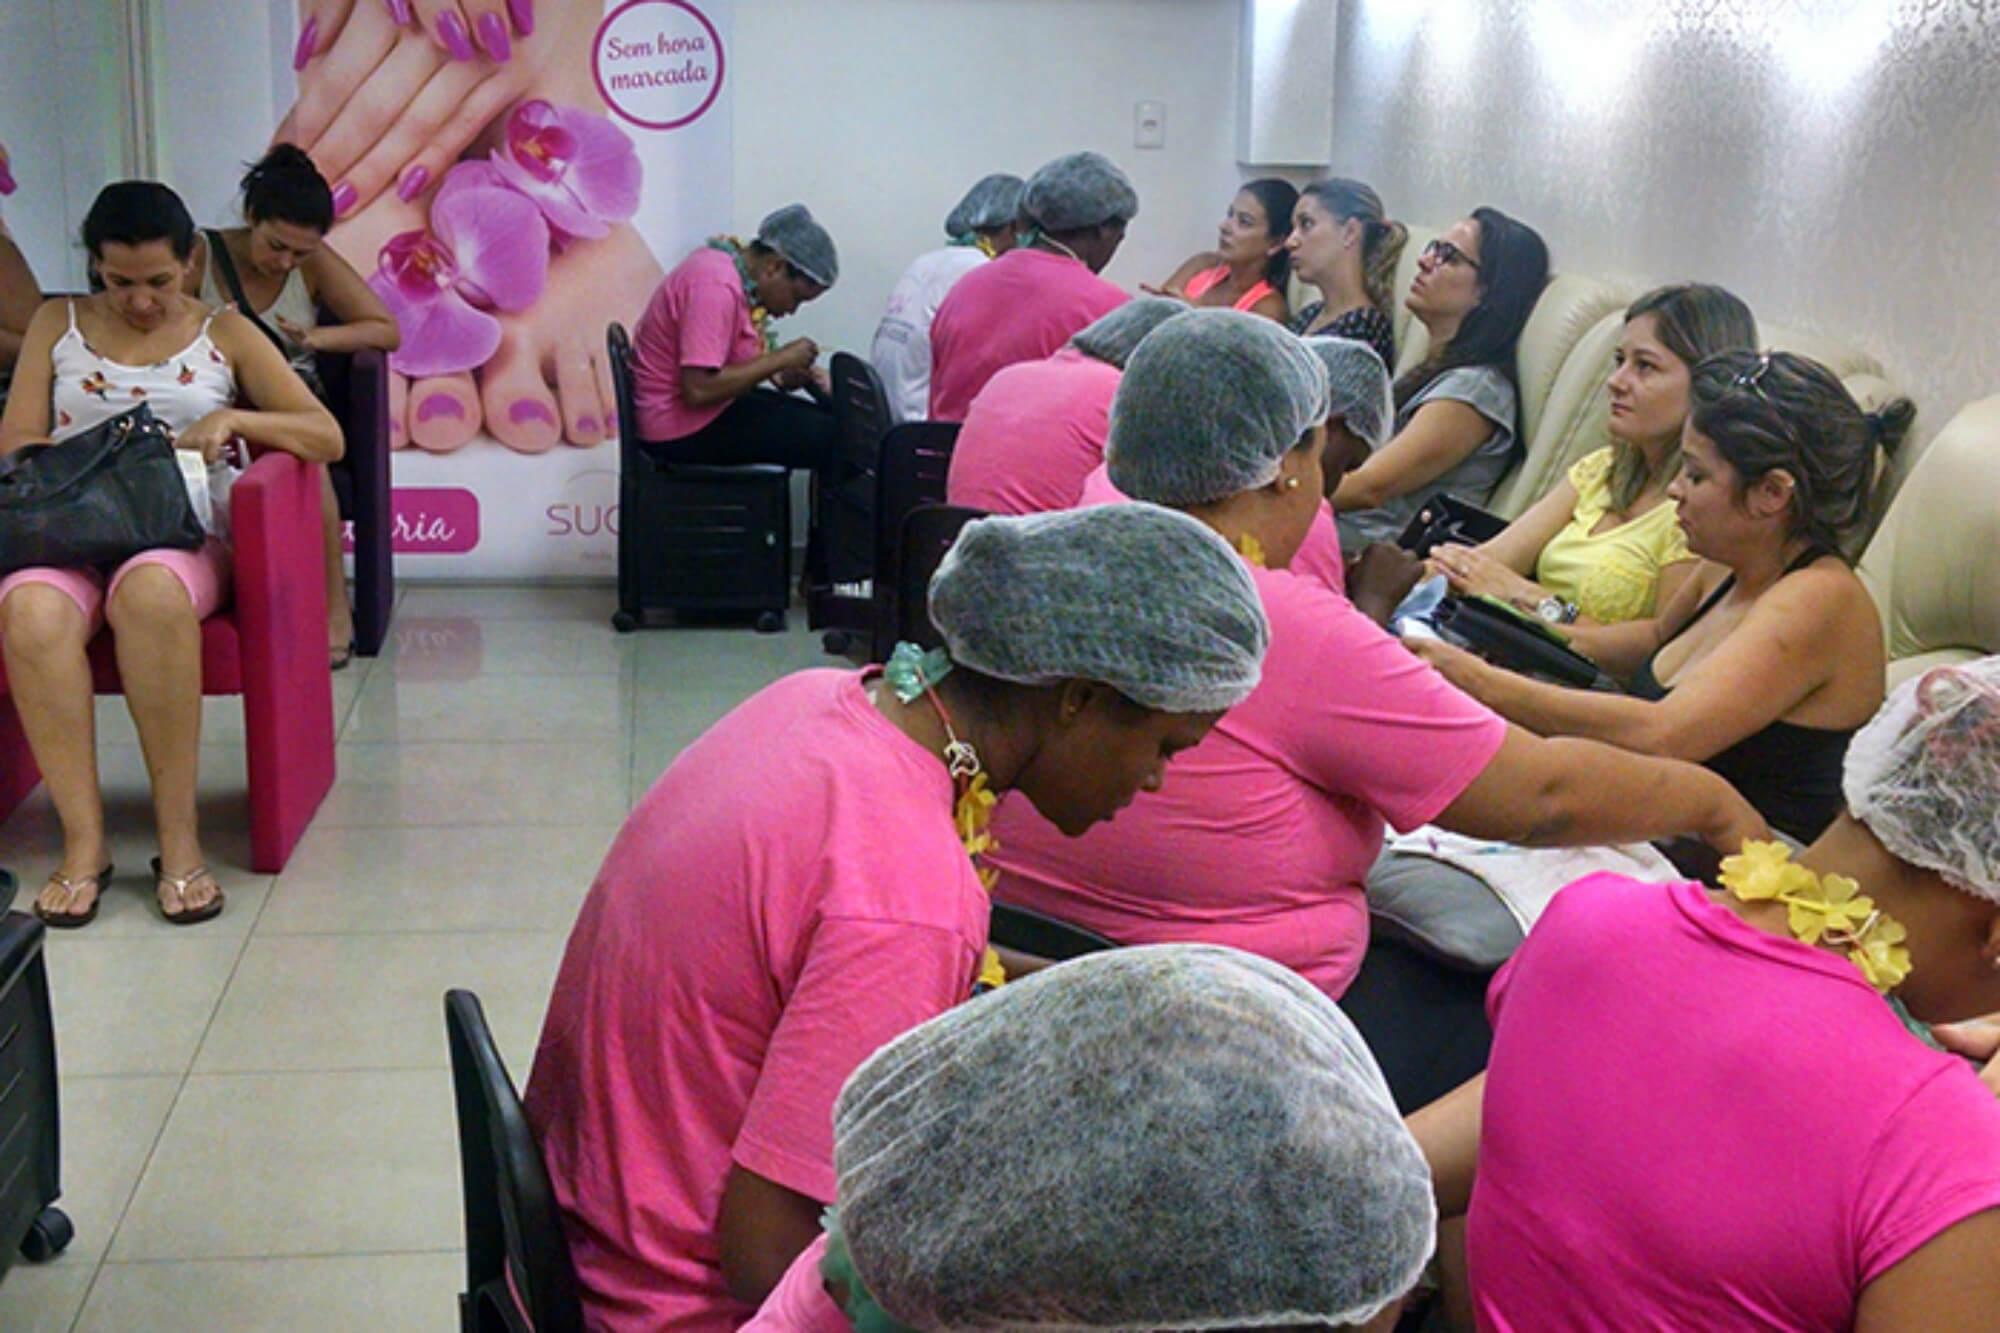 fidelizar clientes no mercado de beleza franquia suav